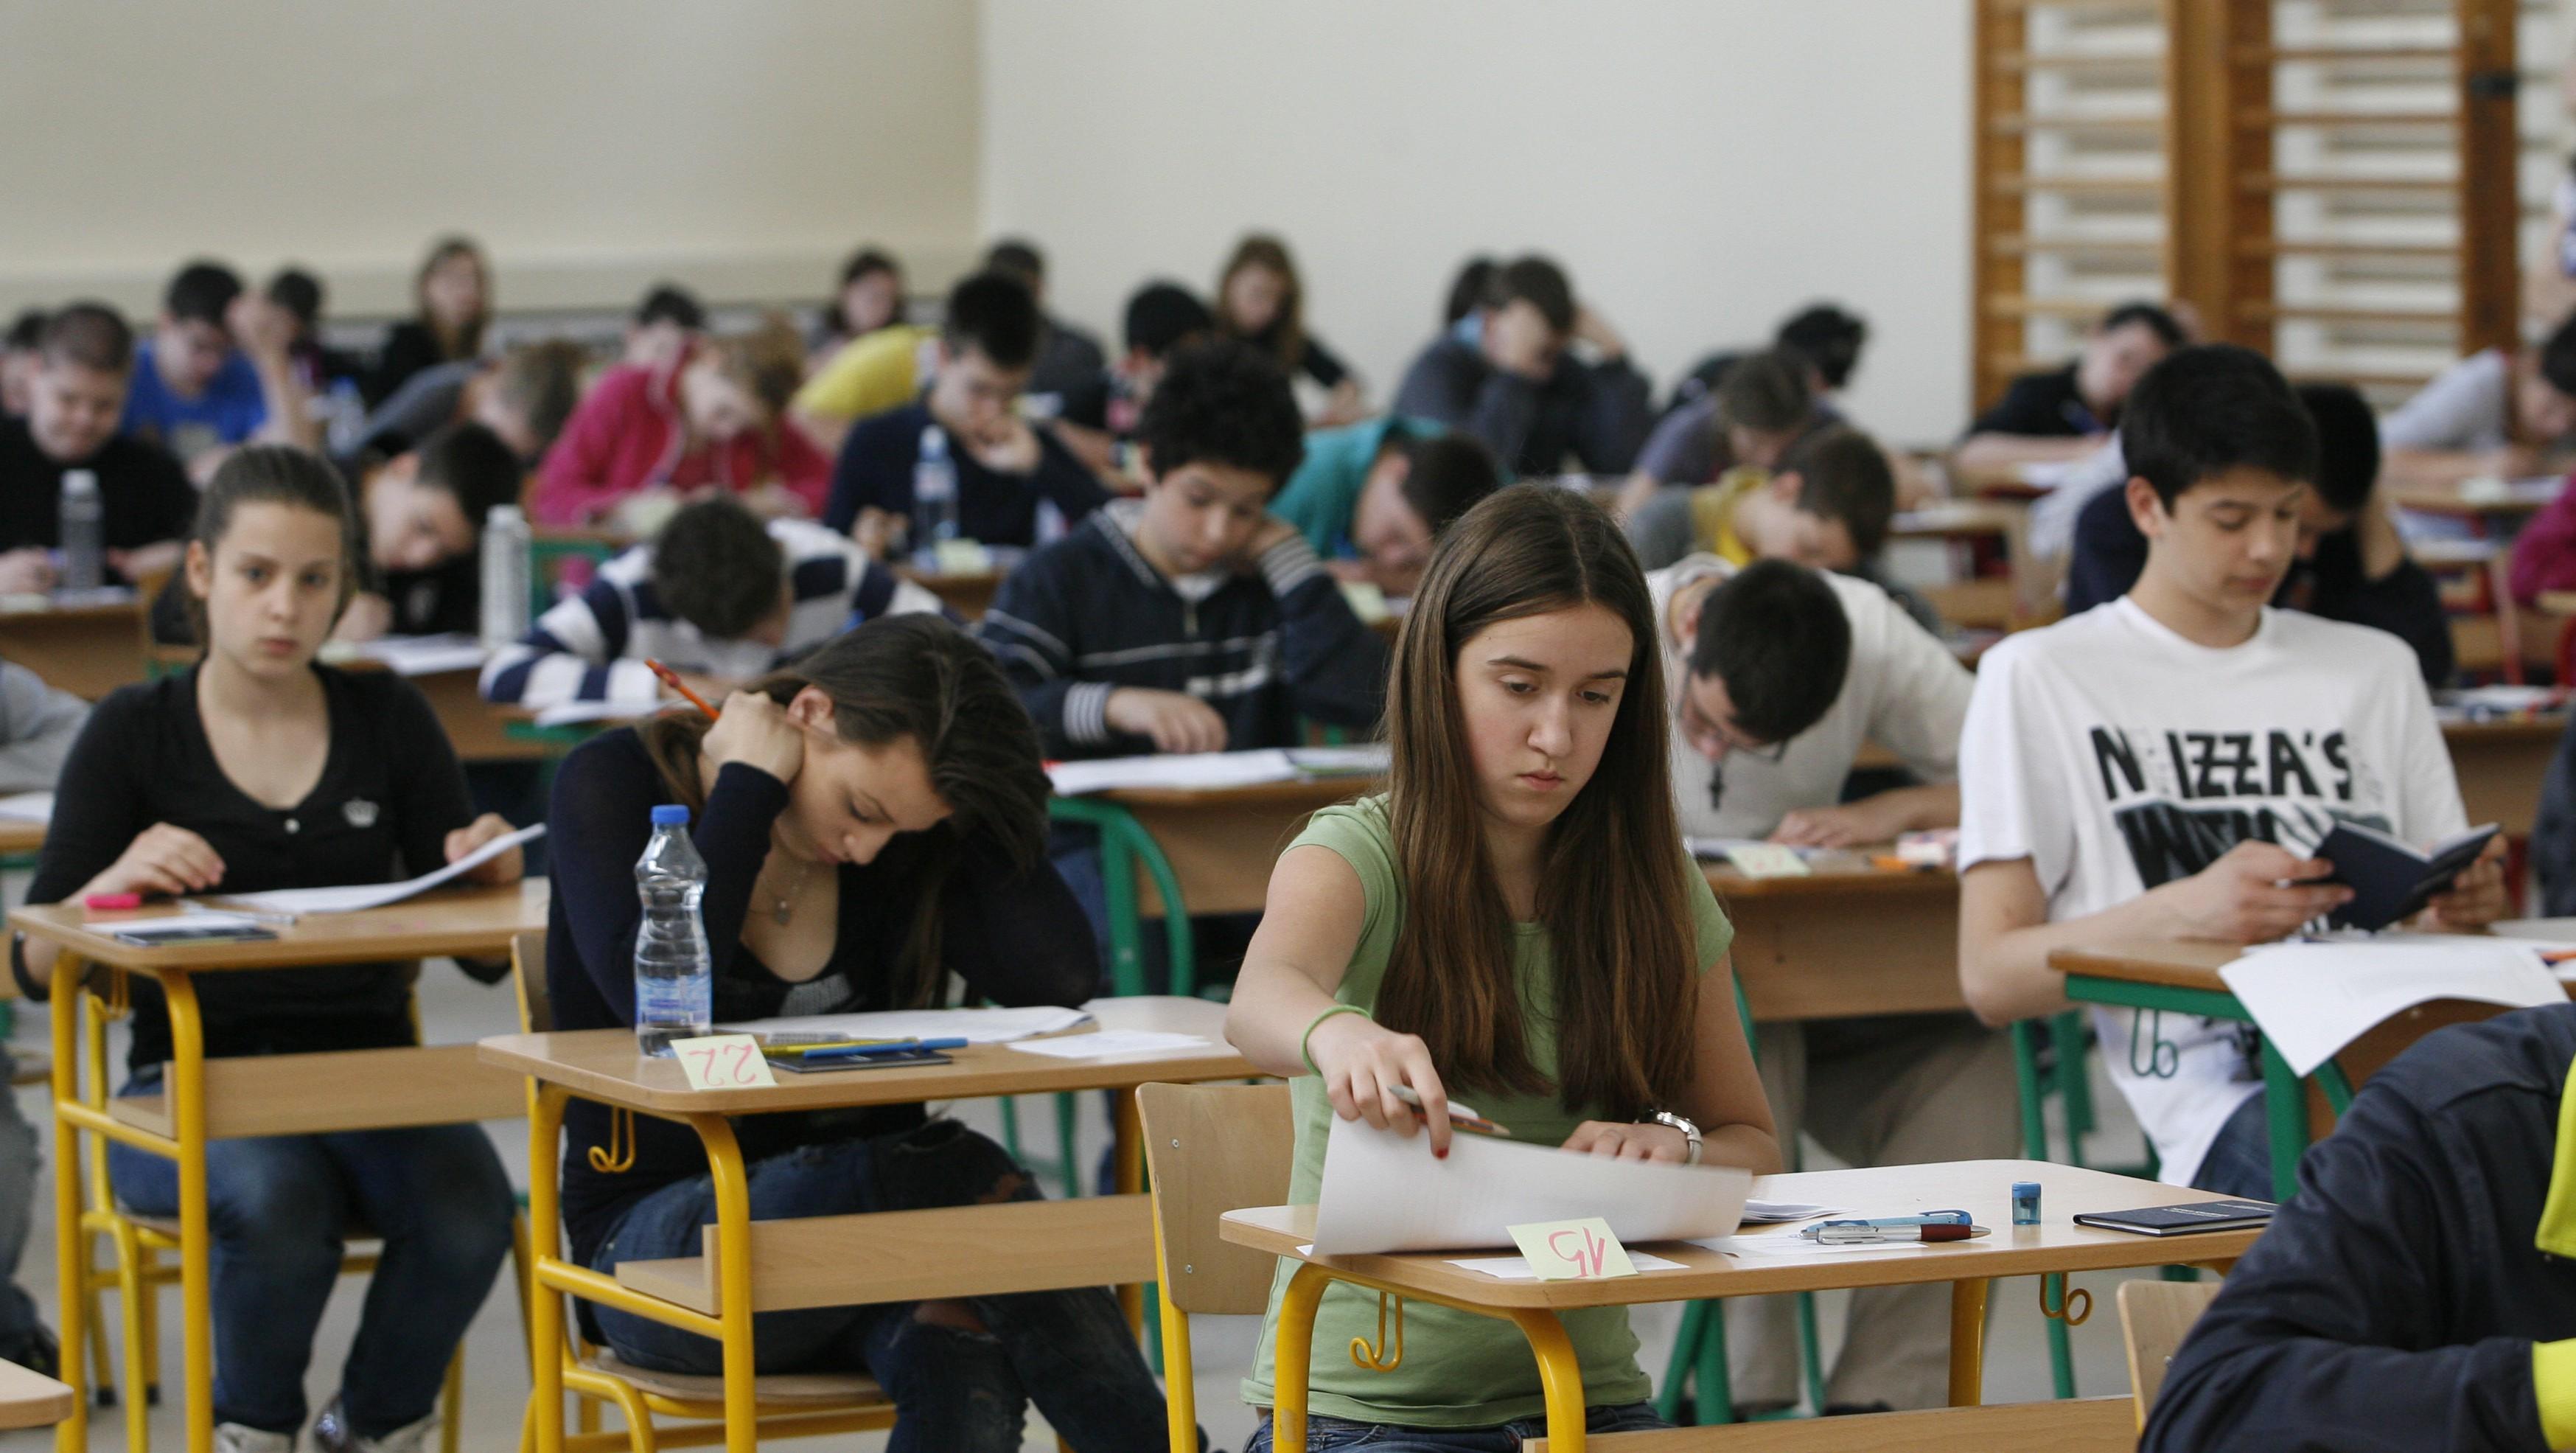 Ucenici osmih razreda osnovnih skola u Srbiji polazu danas probne, neobavezne ispite iz srpskog jezika i matematike. Ove skolske godine prvi put se umesto kvalifikacionih ispita za upis u srednje skole polaze zavrsni ispit. Uz vest Bete. (BETAPHOTO/EMIL VAS/EV)